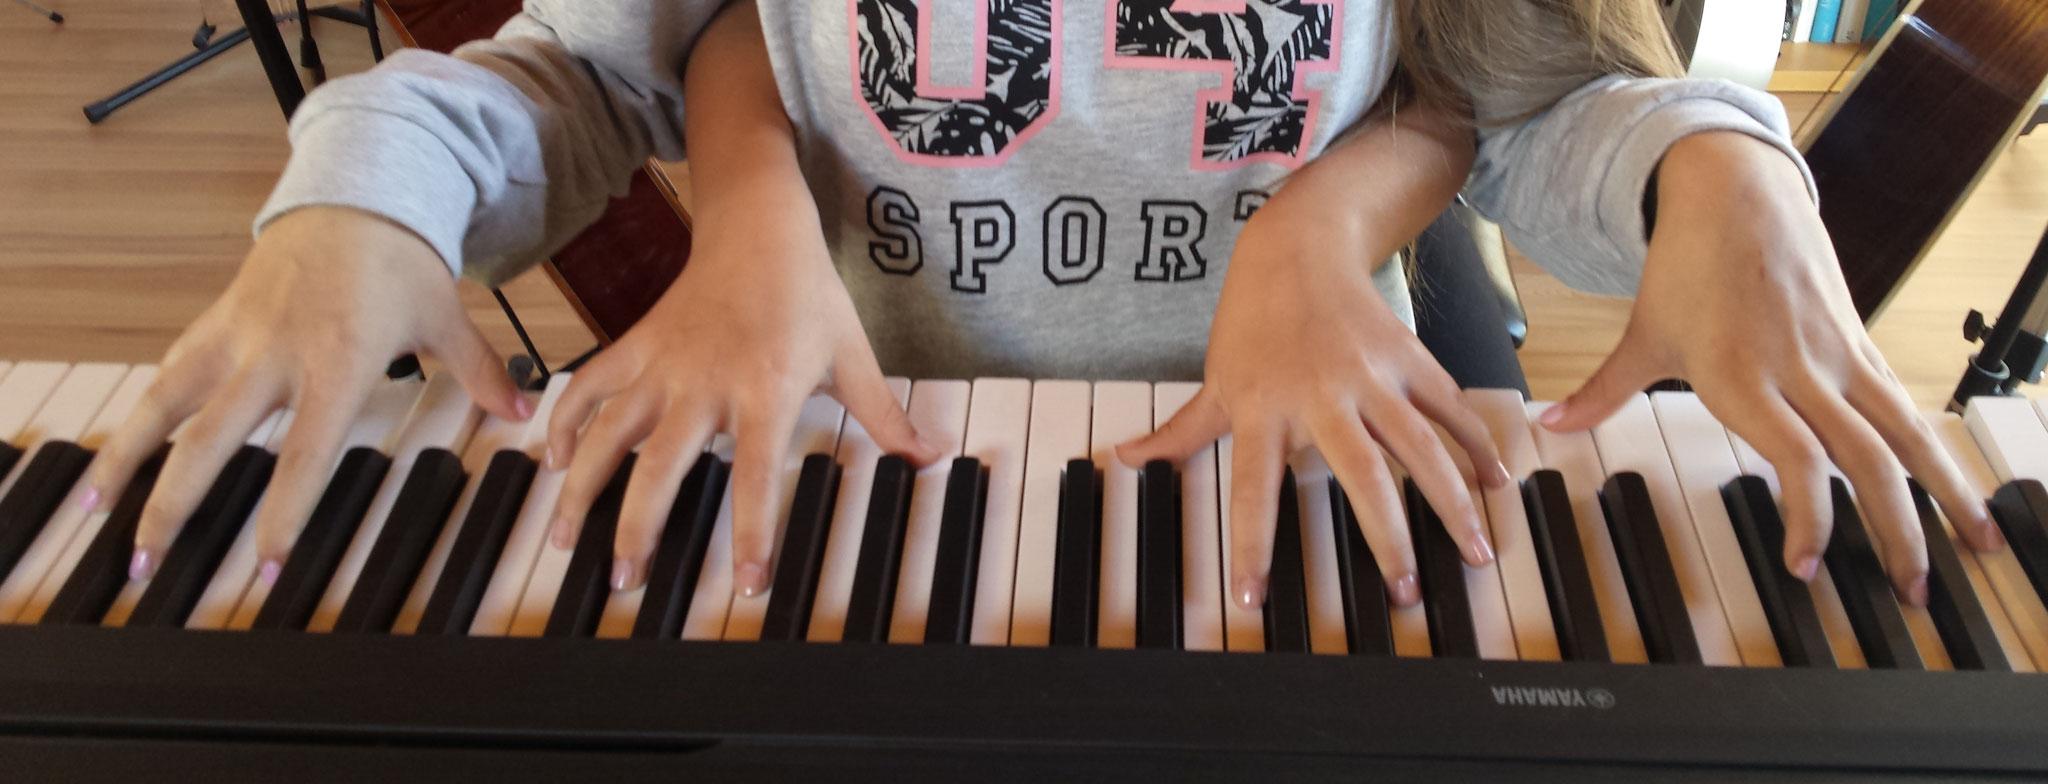 Musikalische Kreativität und Selbstausdruck